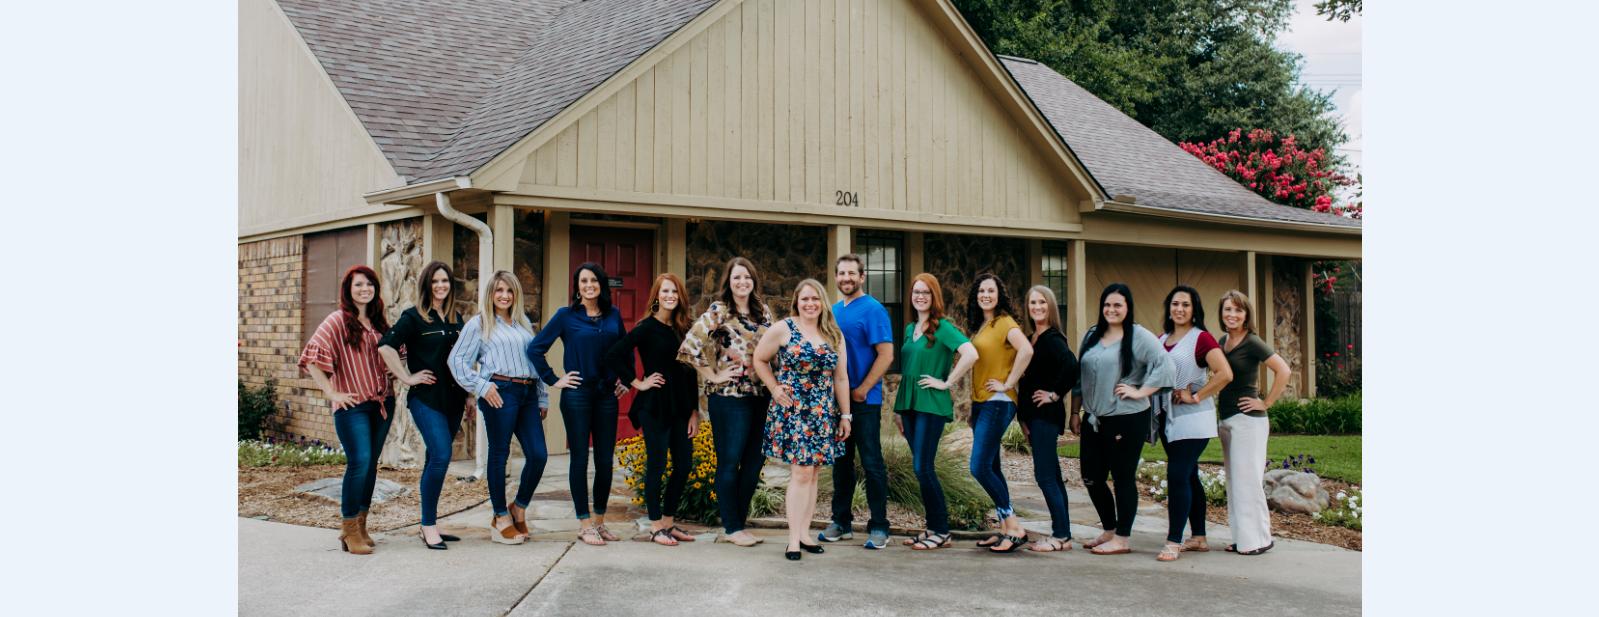 Lippian Family Dentistry reviews | Dentists at 204 Mc Cartney Blvd - Texarkana TX